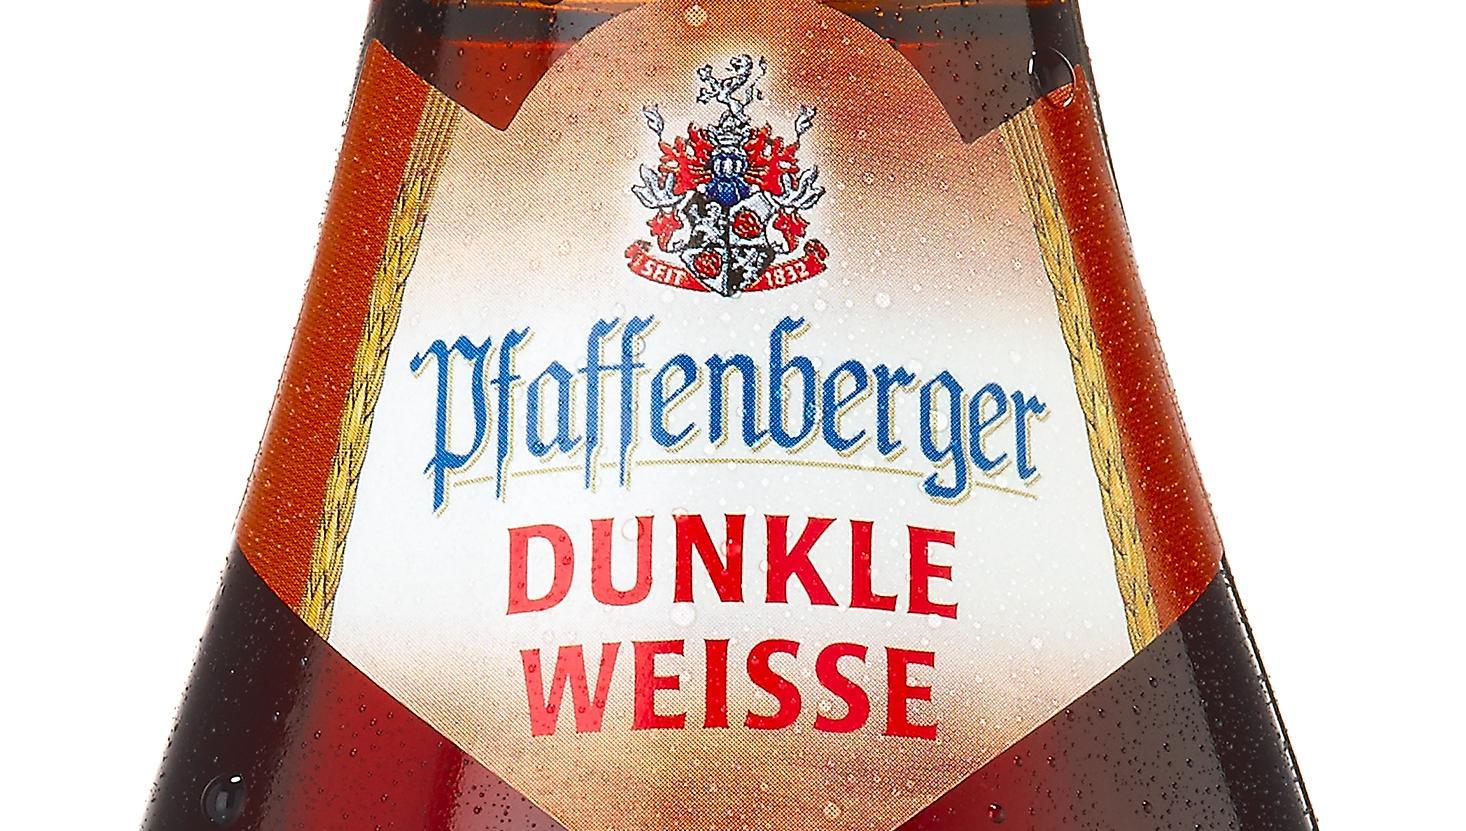 Pfaffenberger Dunkle Weisse